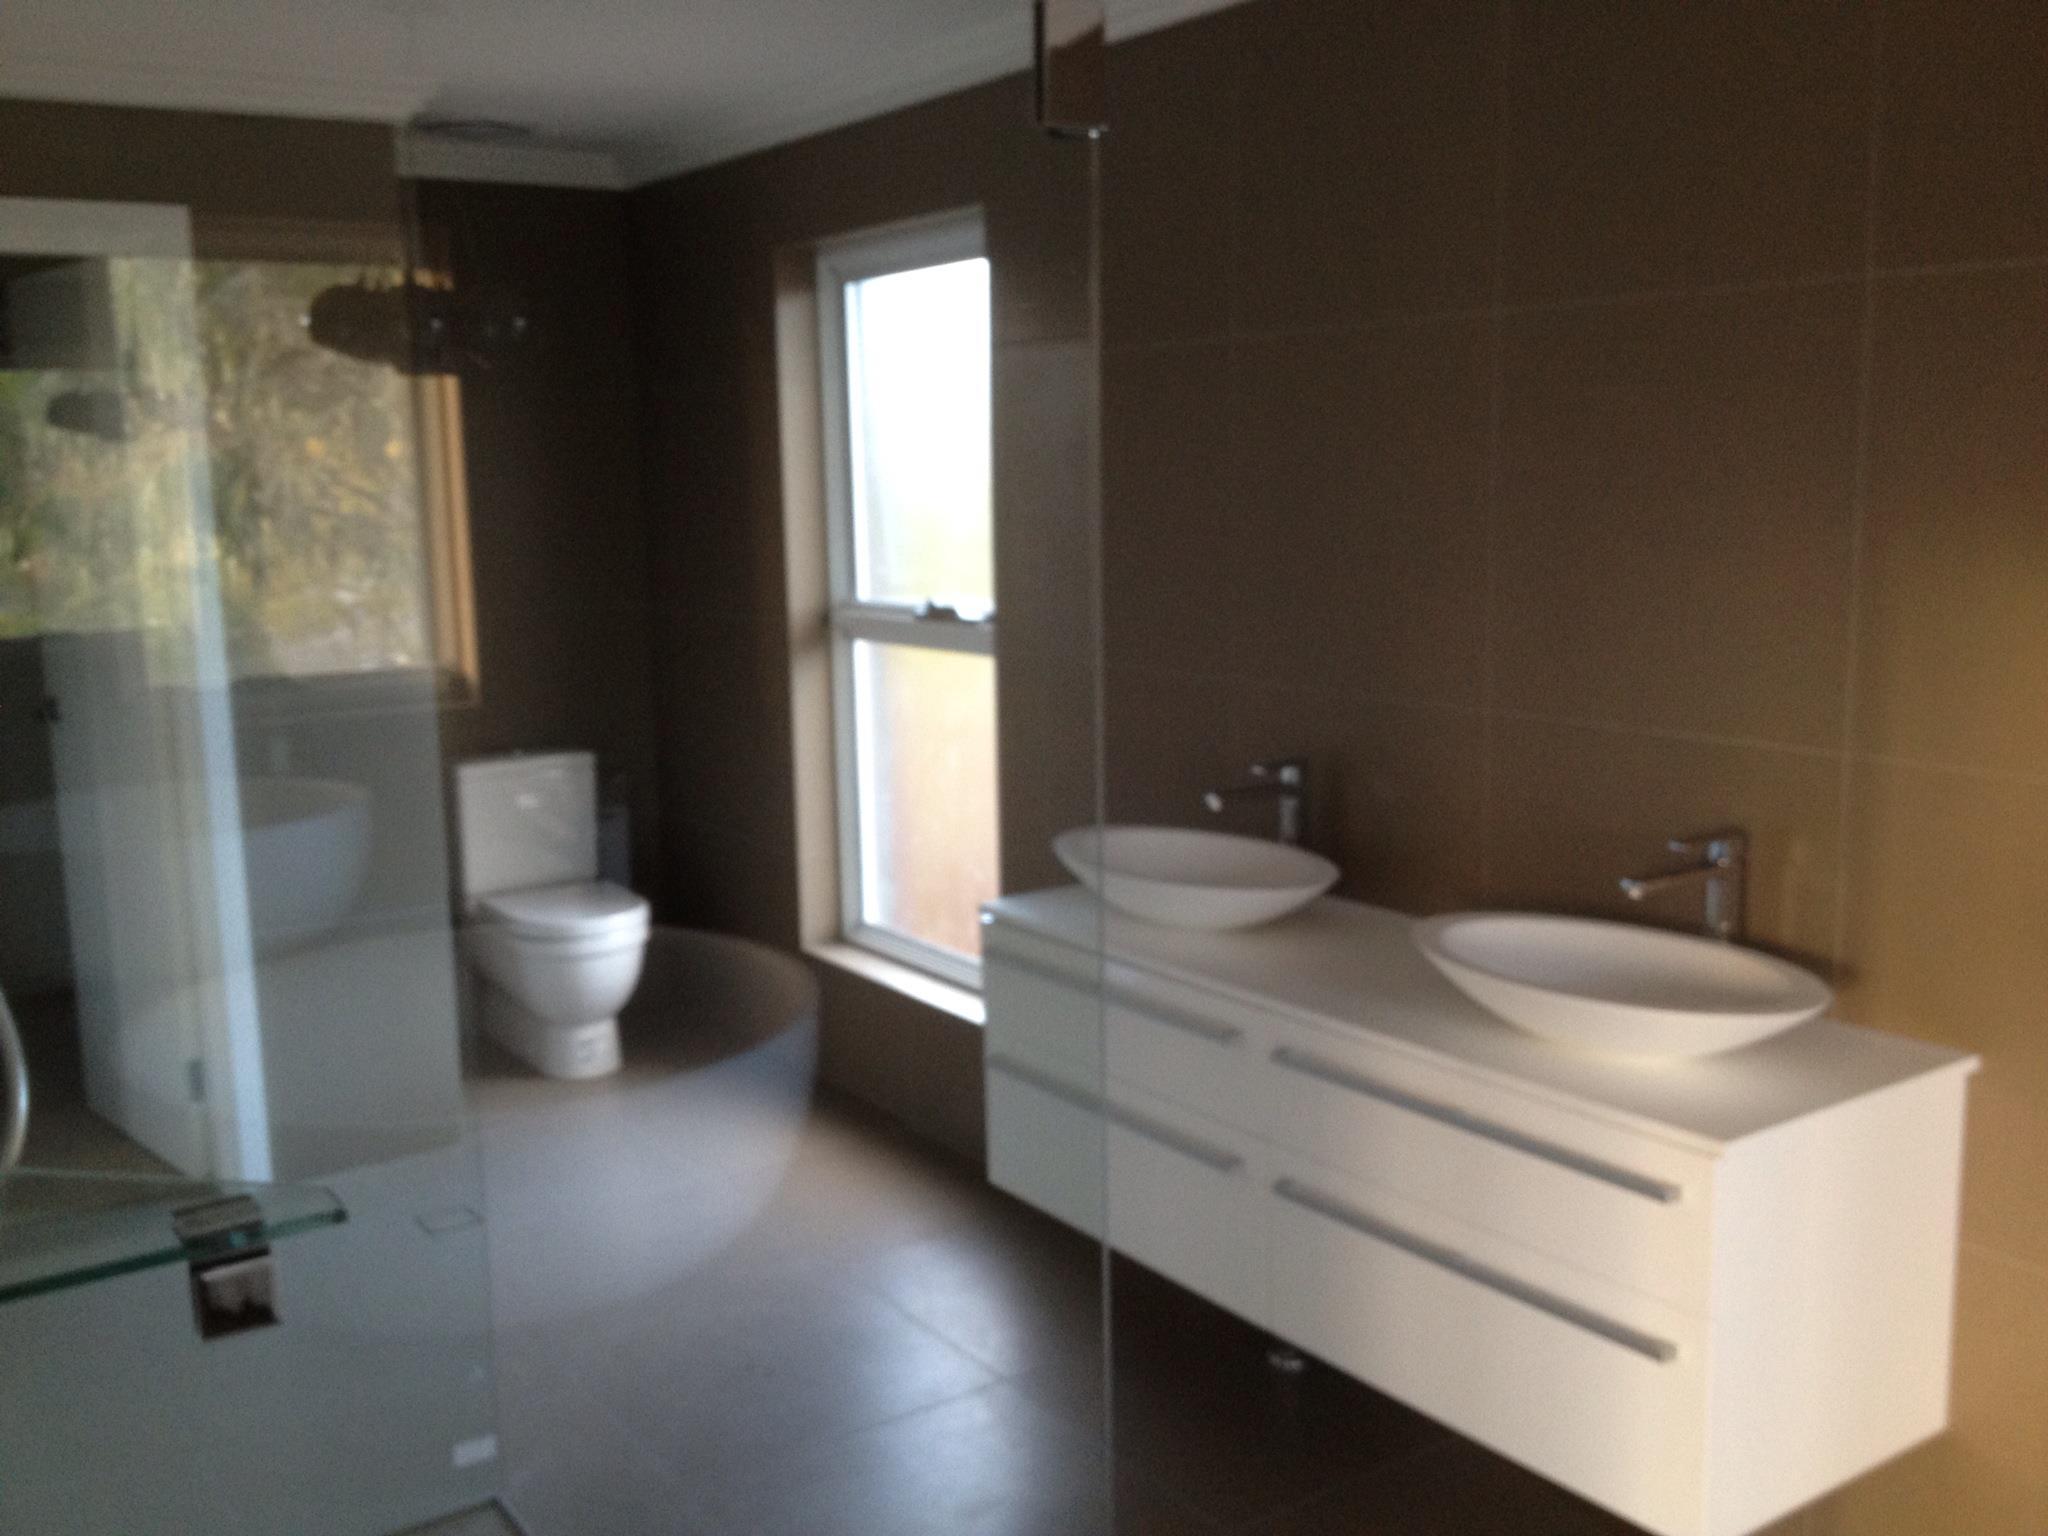 Freshwater Plumbing - Bathroom reno2